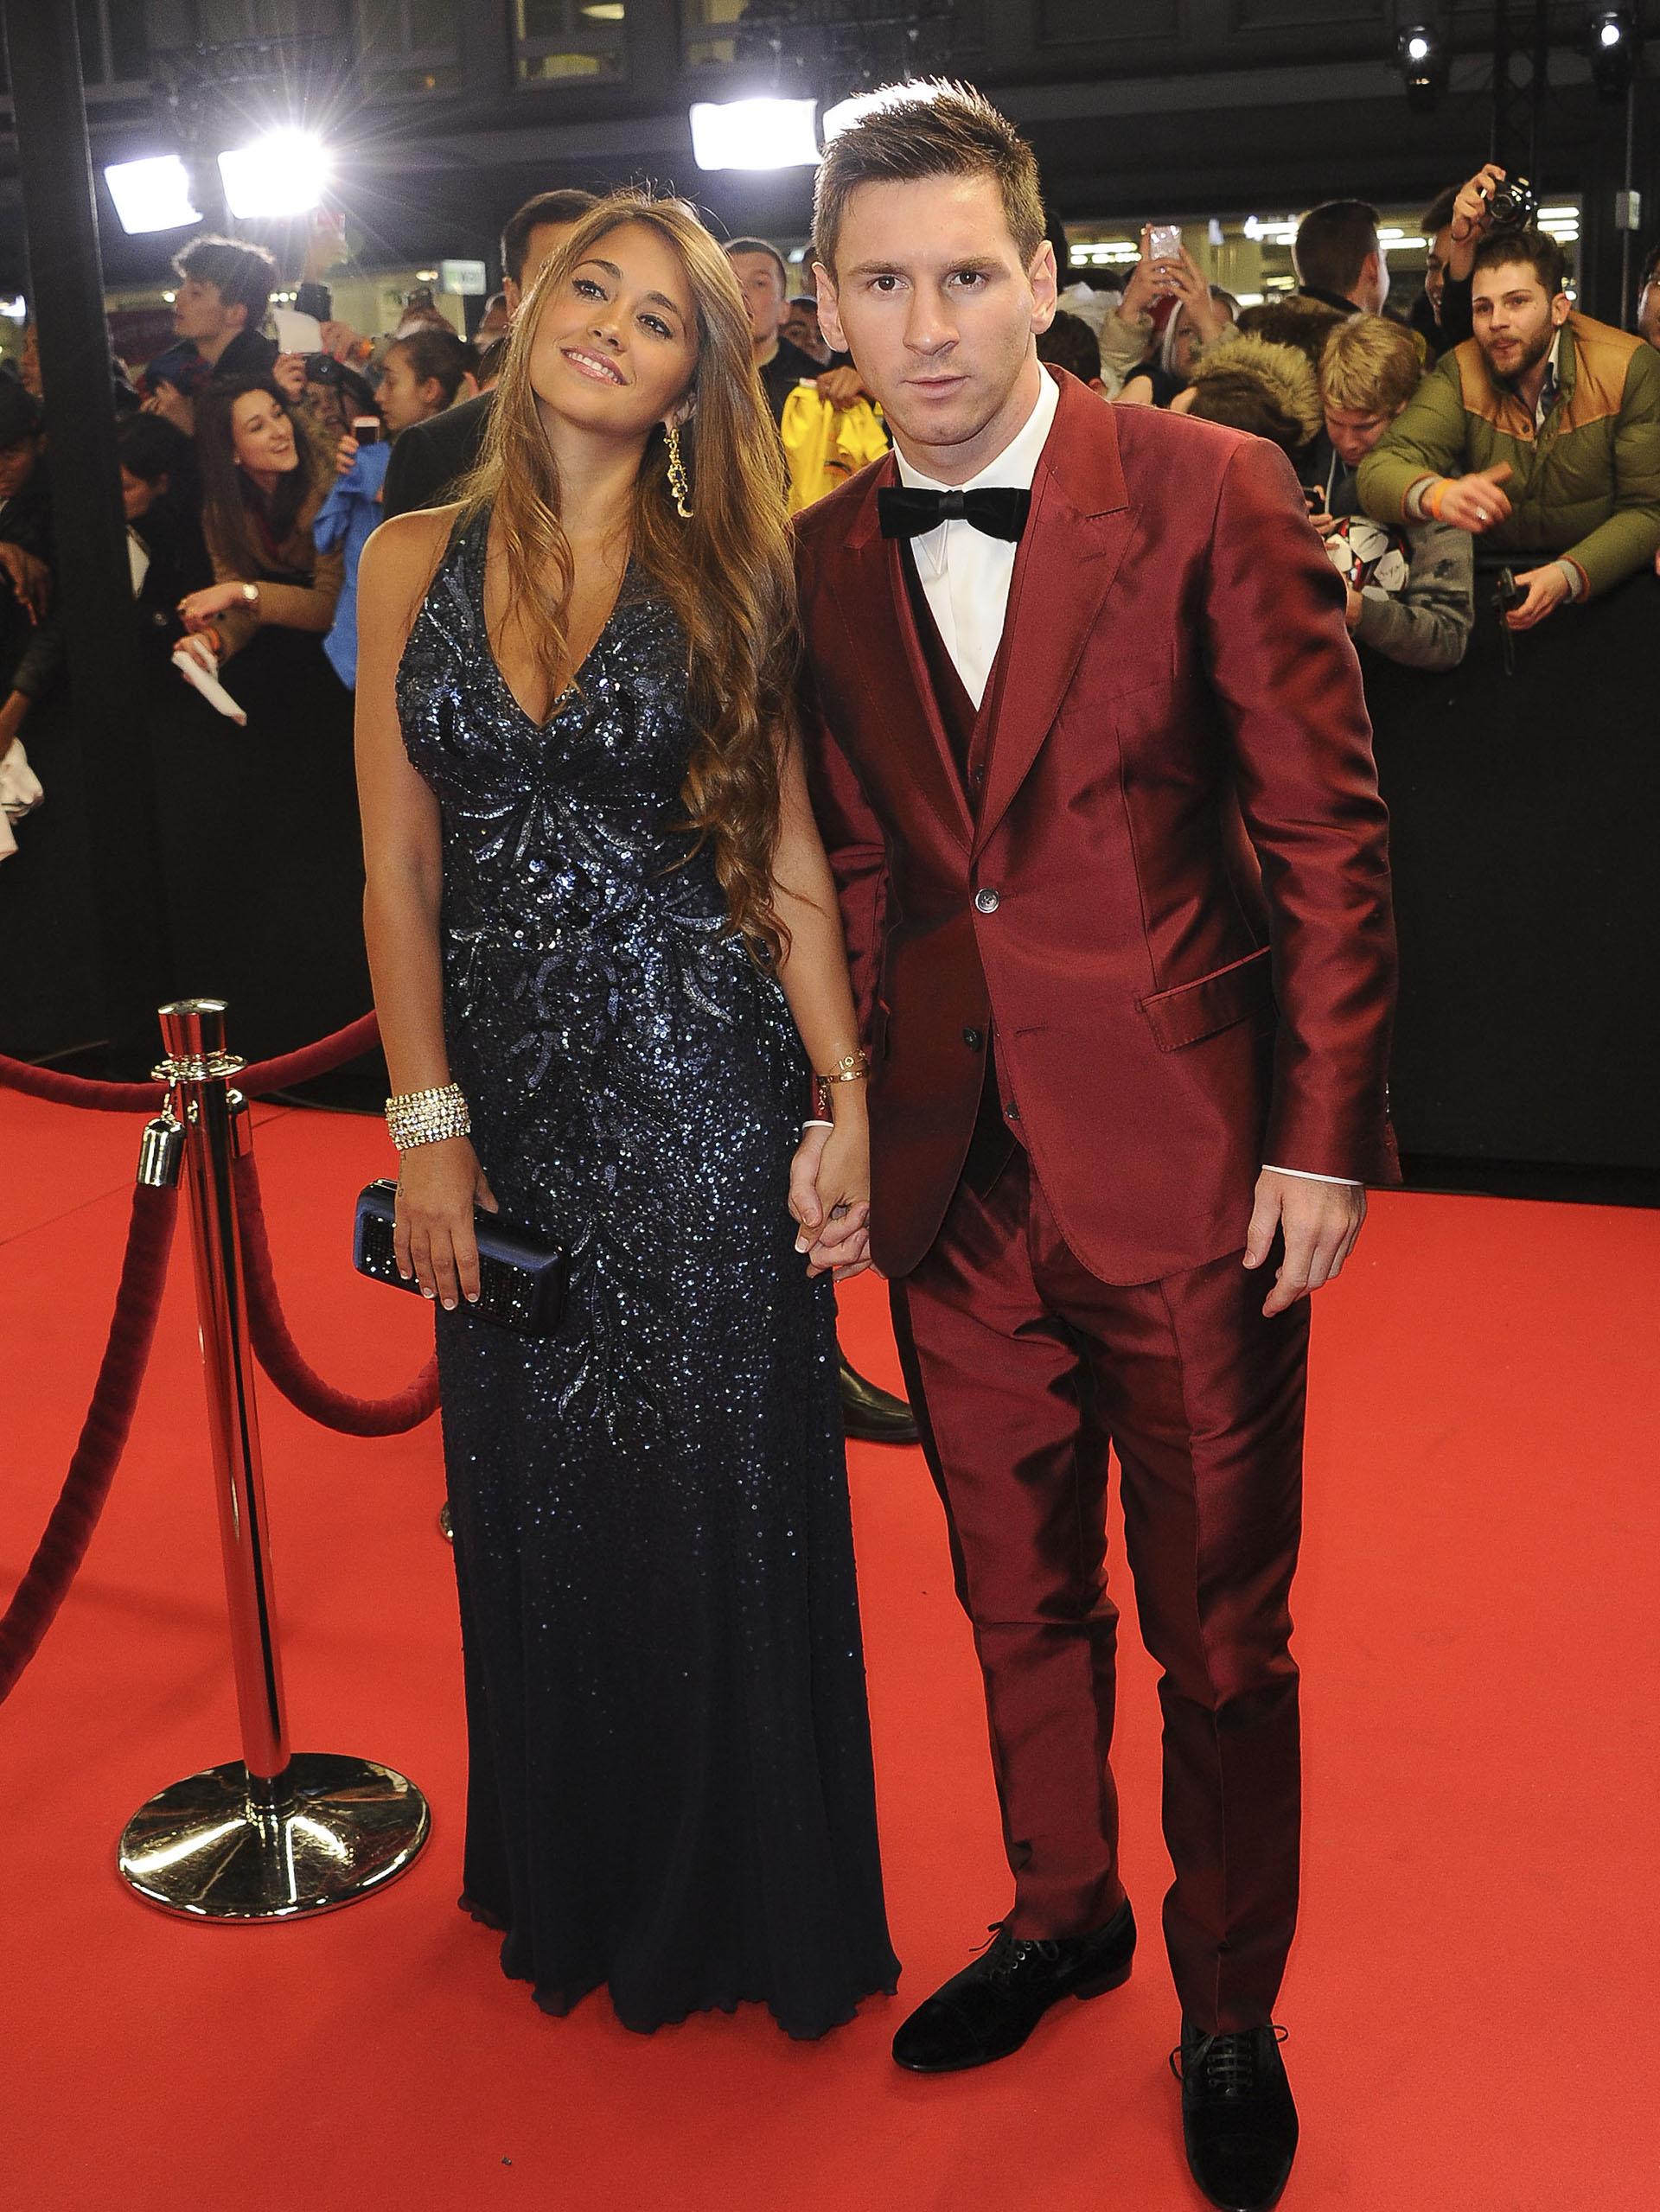 La alfombra roja de la gala del Balón de Oro de Zurich. Antonela deslumbró con el profundo escote de su elegante vestido negro de la firma Rosa Clará y él con un inconfundible Dolce & Gabbana (AP)